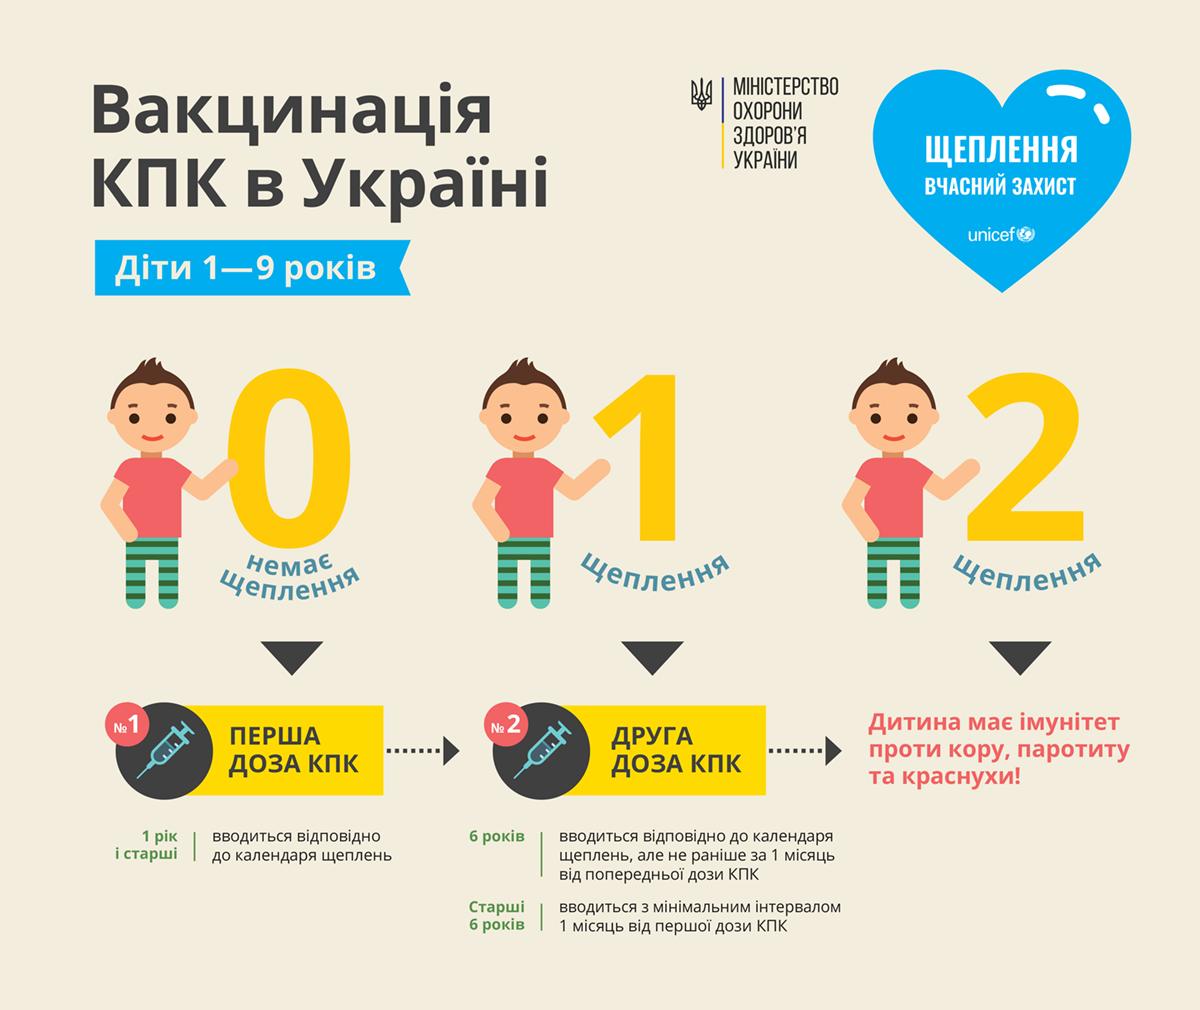 Вакцинація КПК в Україні